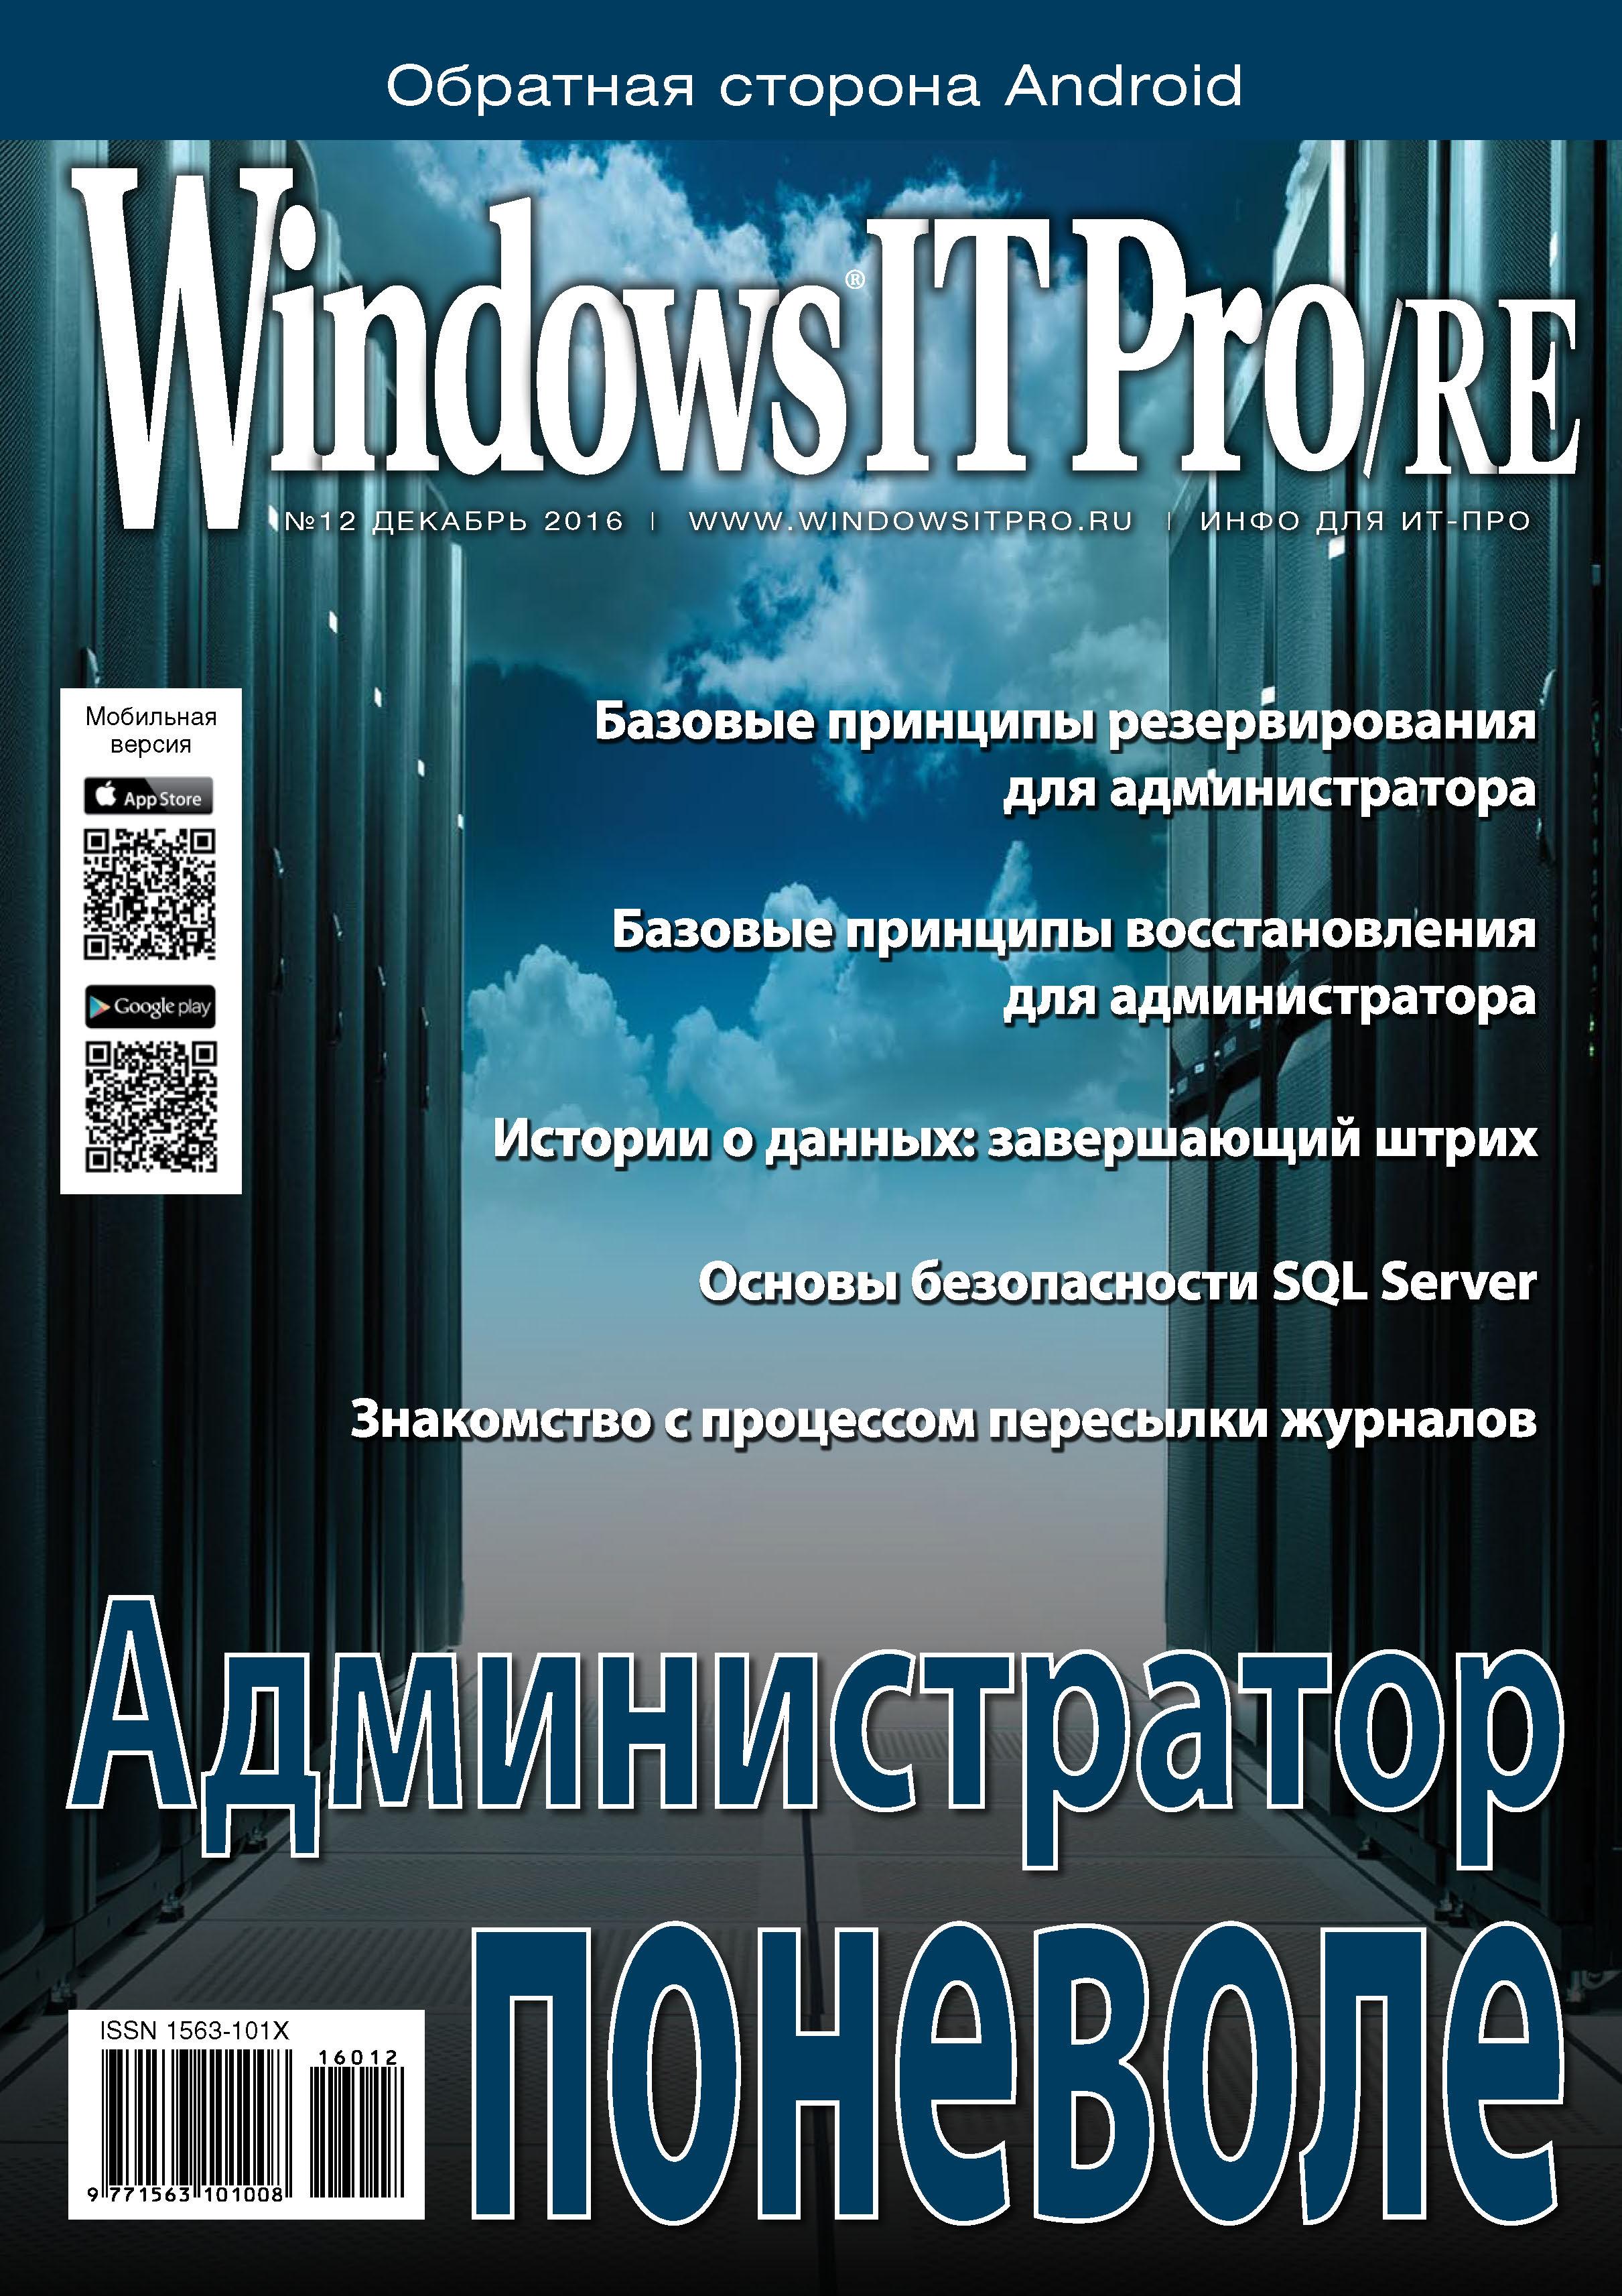 Открытые системы Windows IT Pro/RE №12/2016 алексей чекмарев microsoft windows 7 руководство администратора